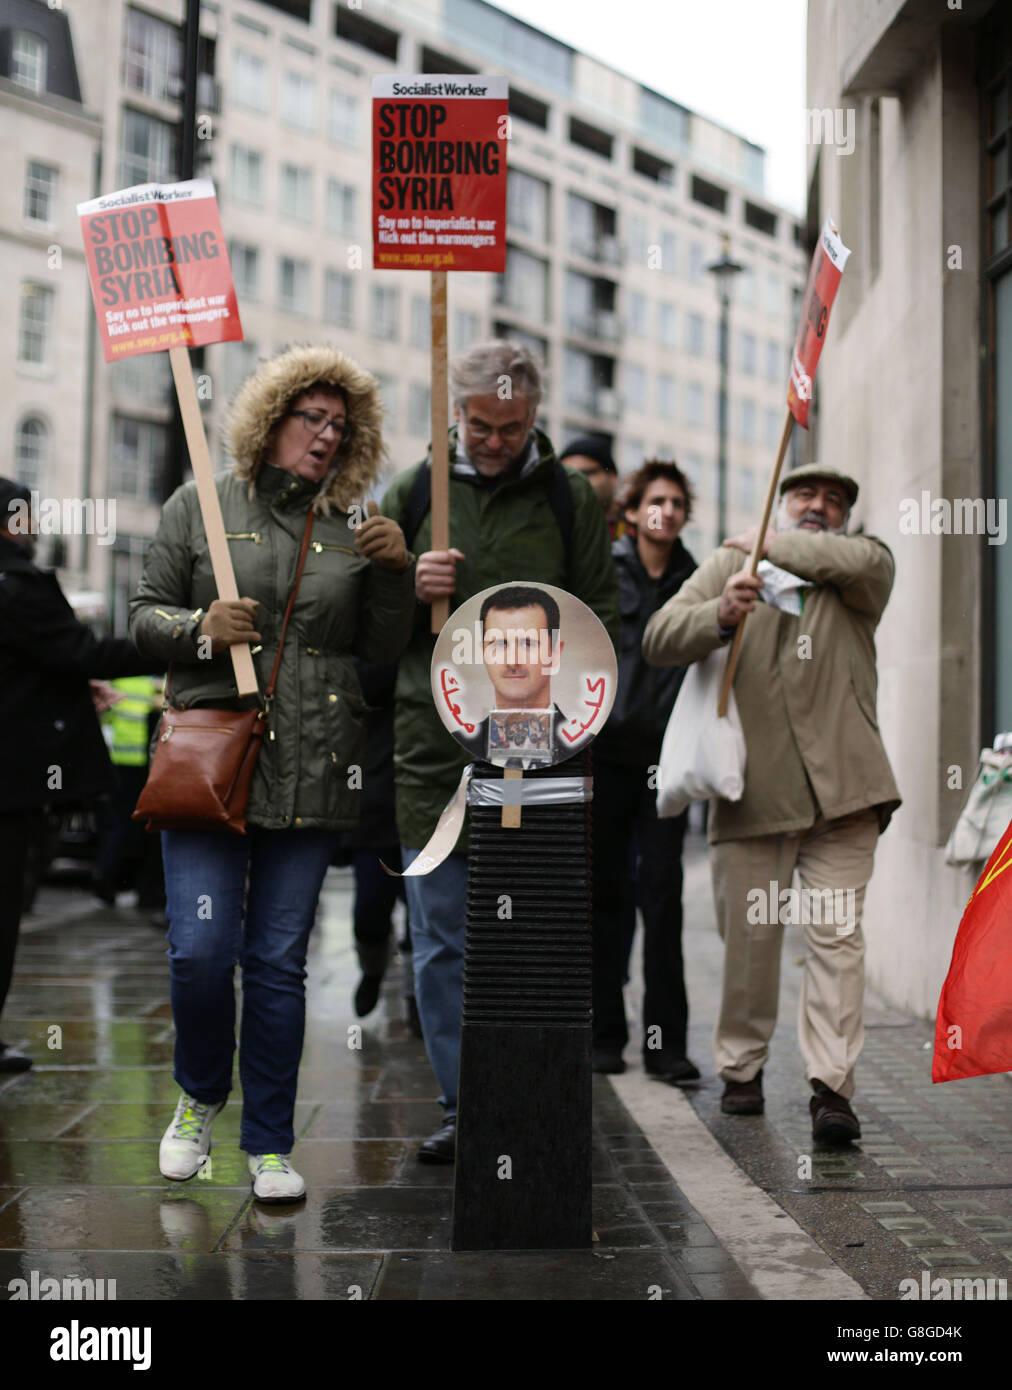 Syria conflict Stock Photo